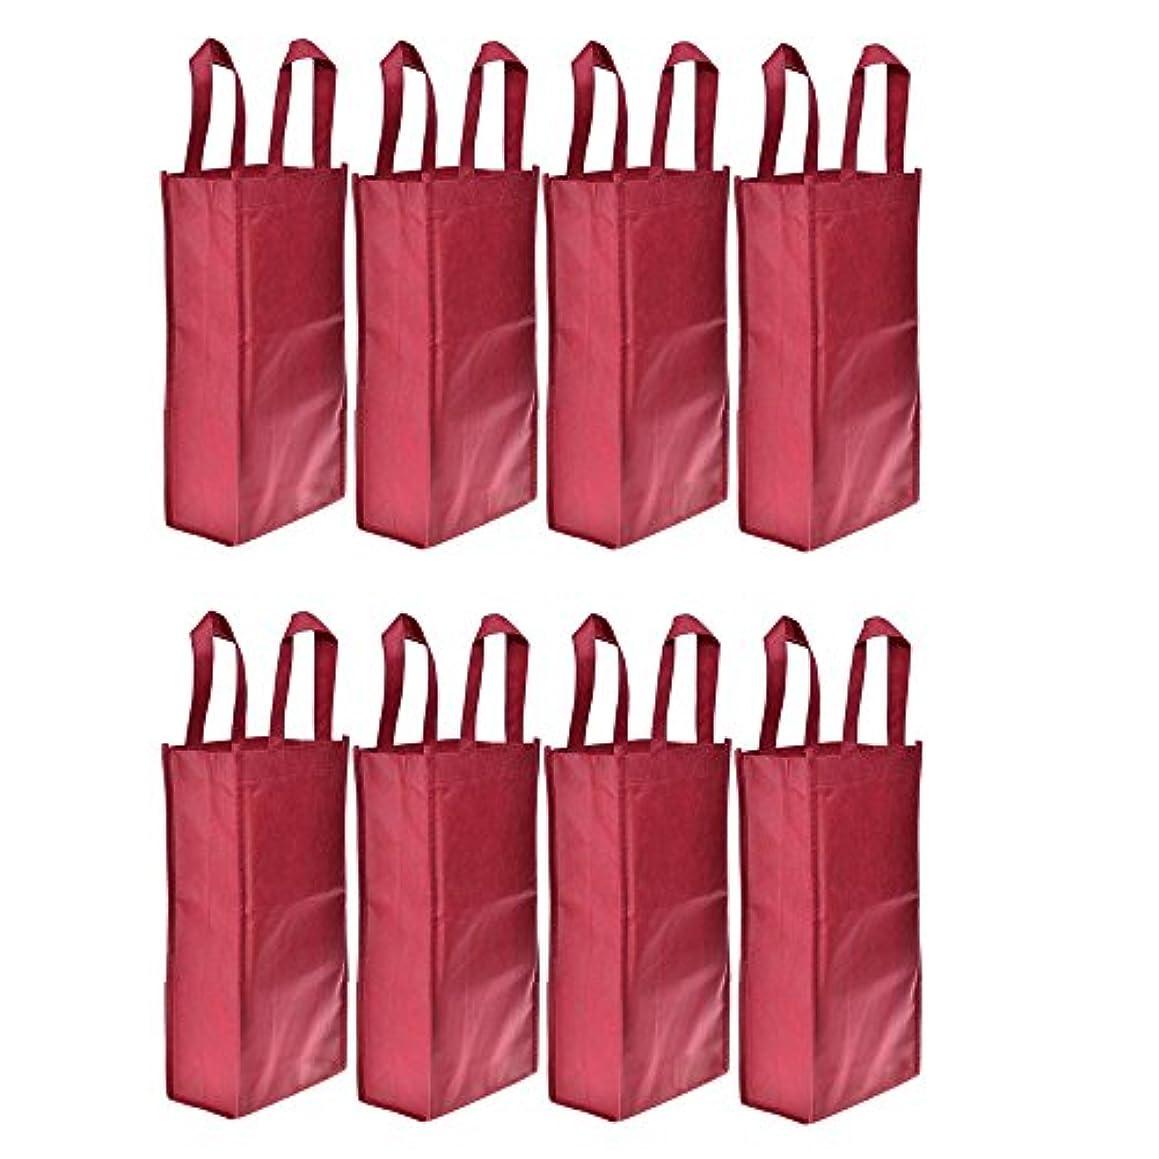 Homanda?Pack of 8 Red Non-Woven 2-Bottle Wine Tote Bag Holder, Reusable Gift Bag